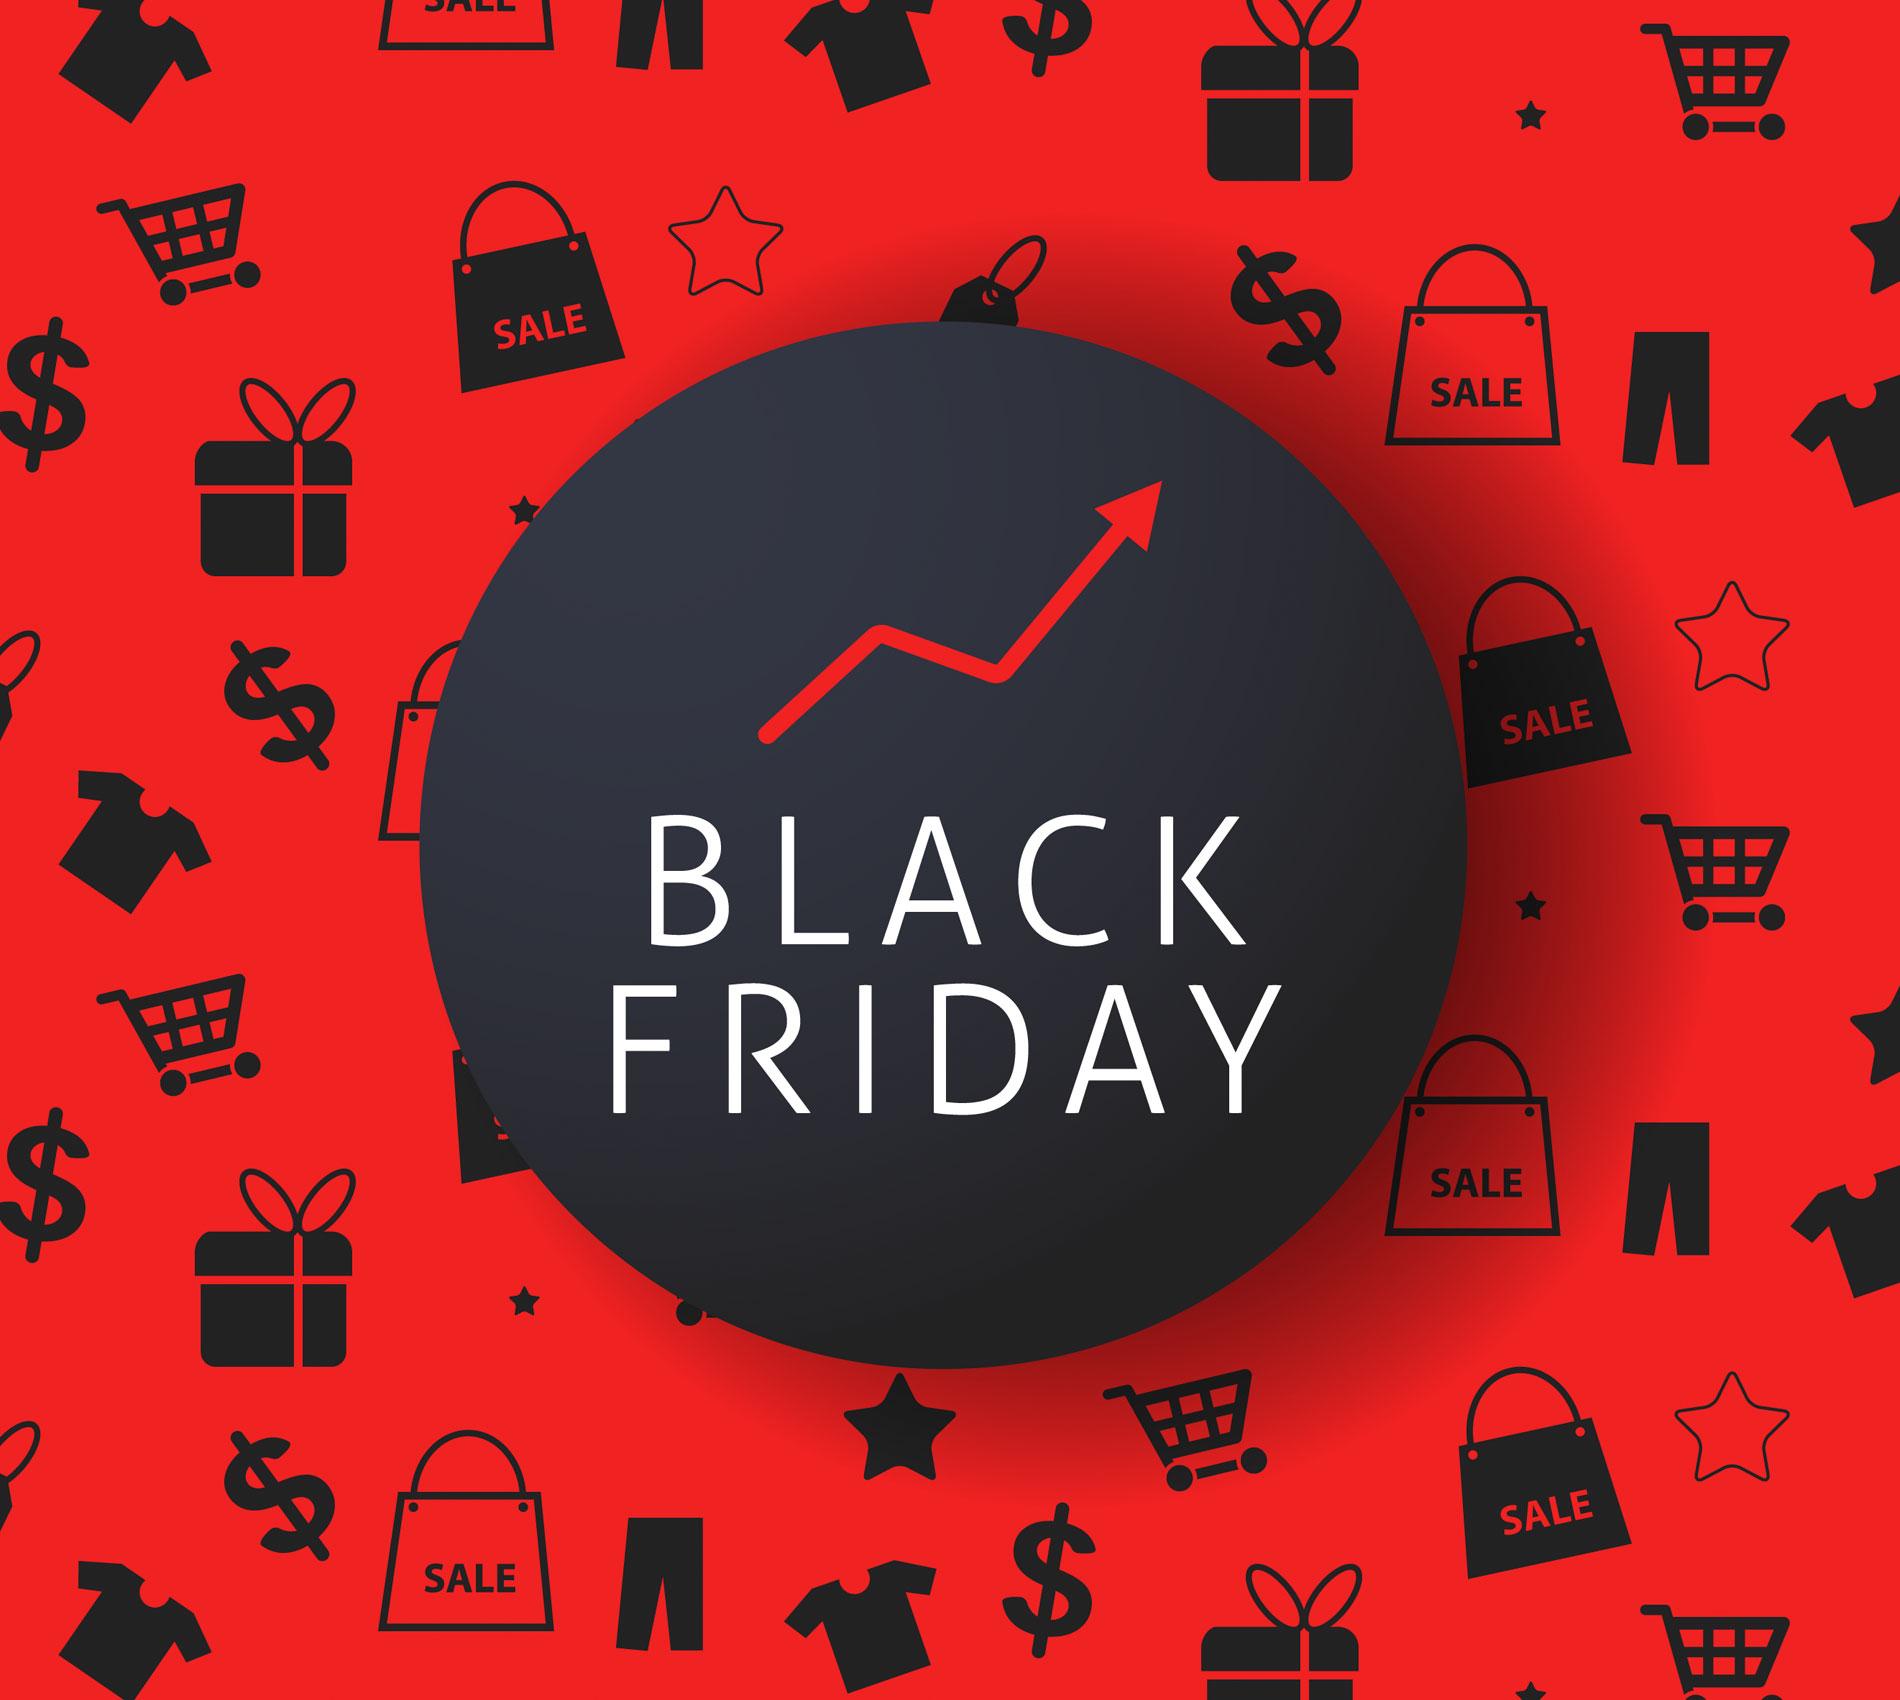 Resultados da Black Friday 2020: boleto bancário continua relevante no e-commerce